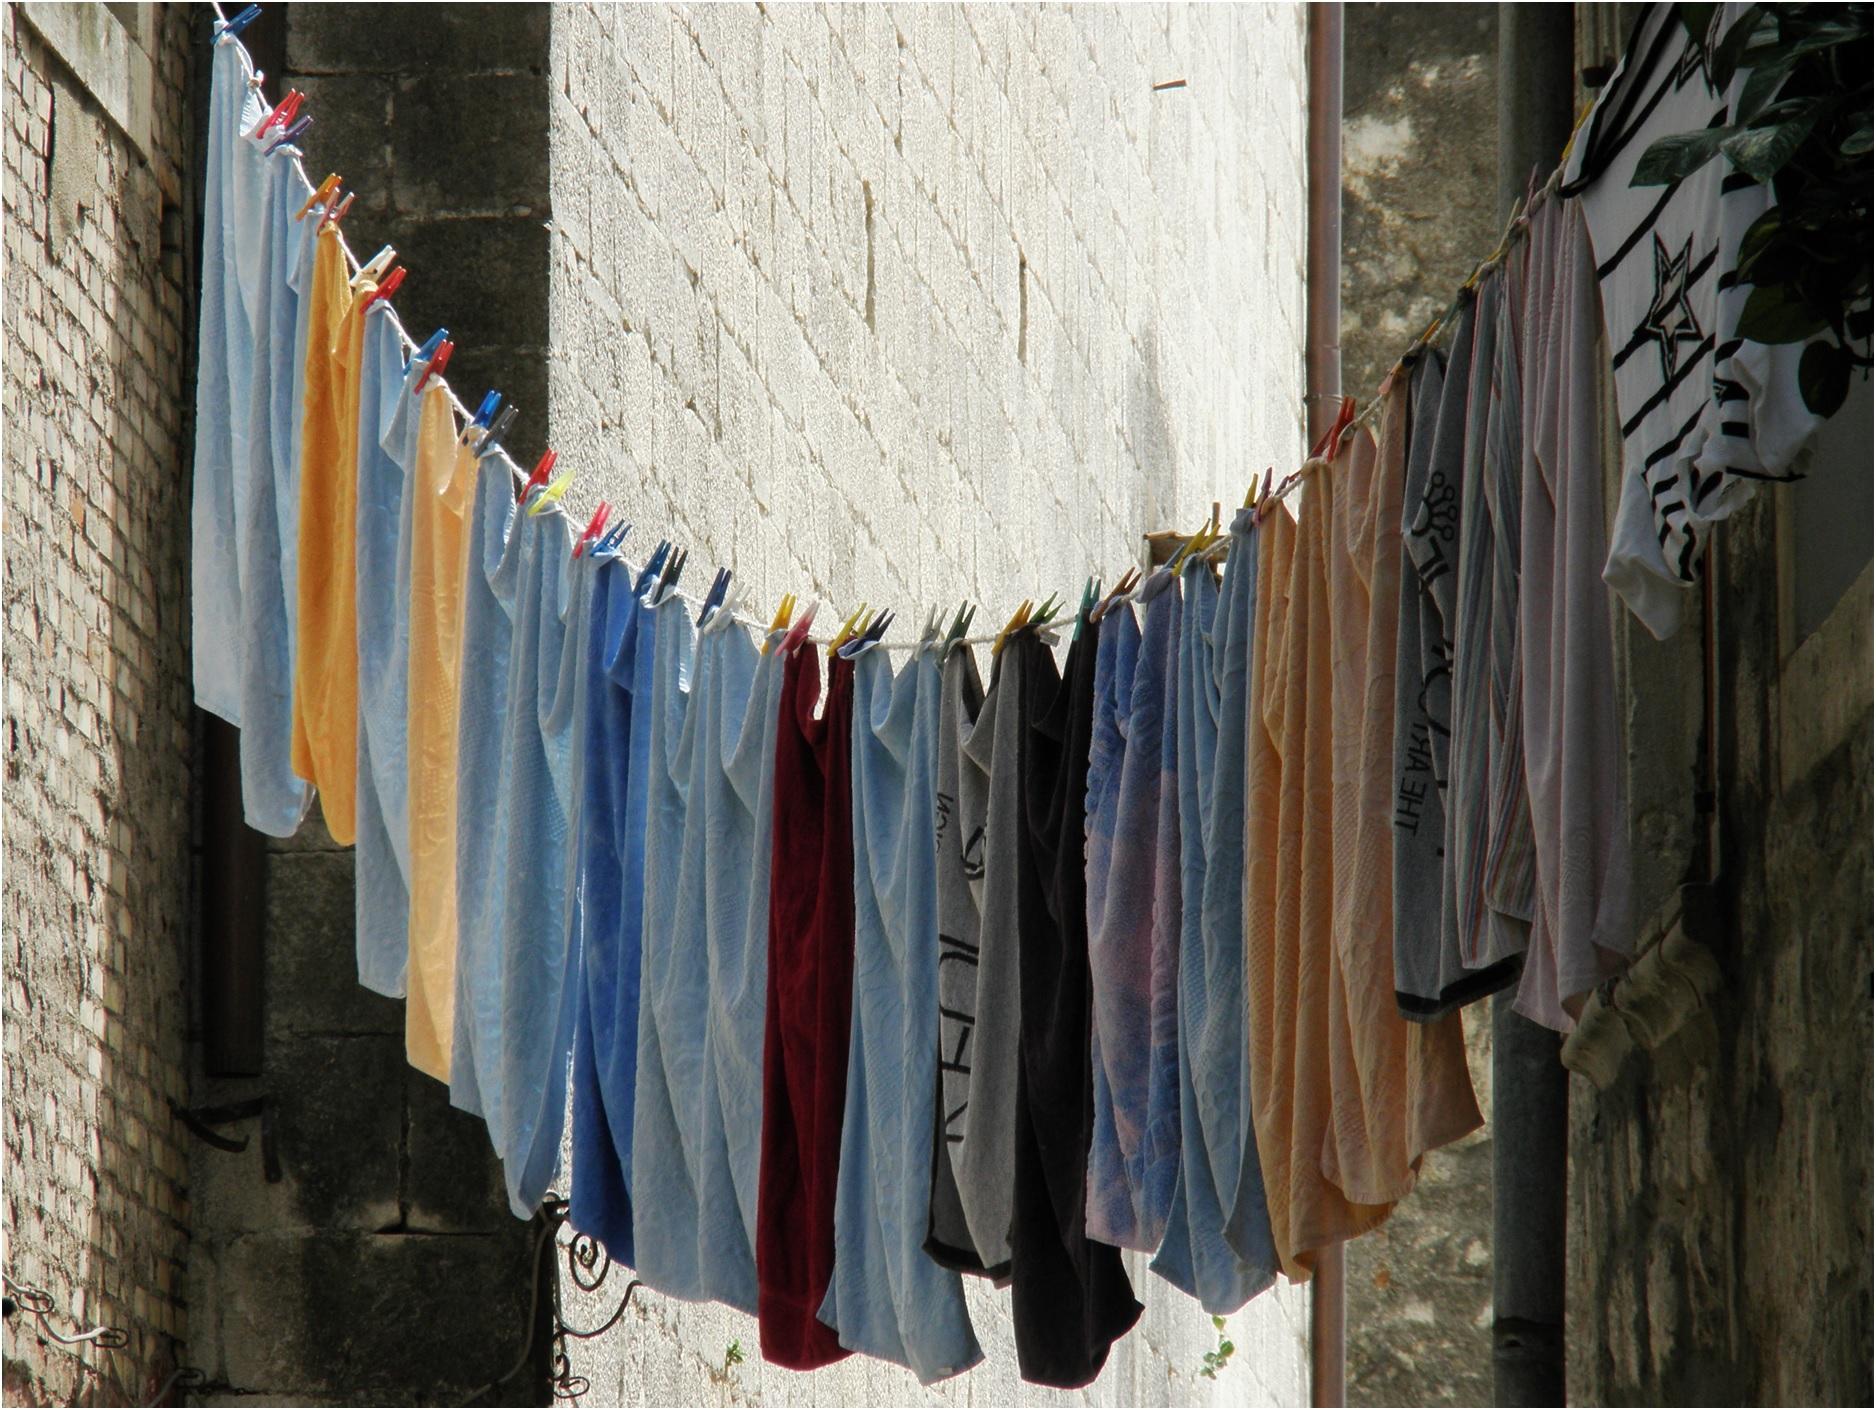 Kotor Washing Line